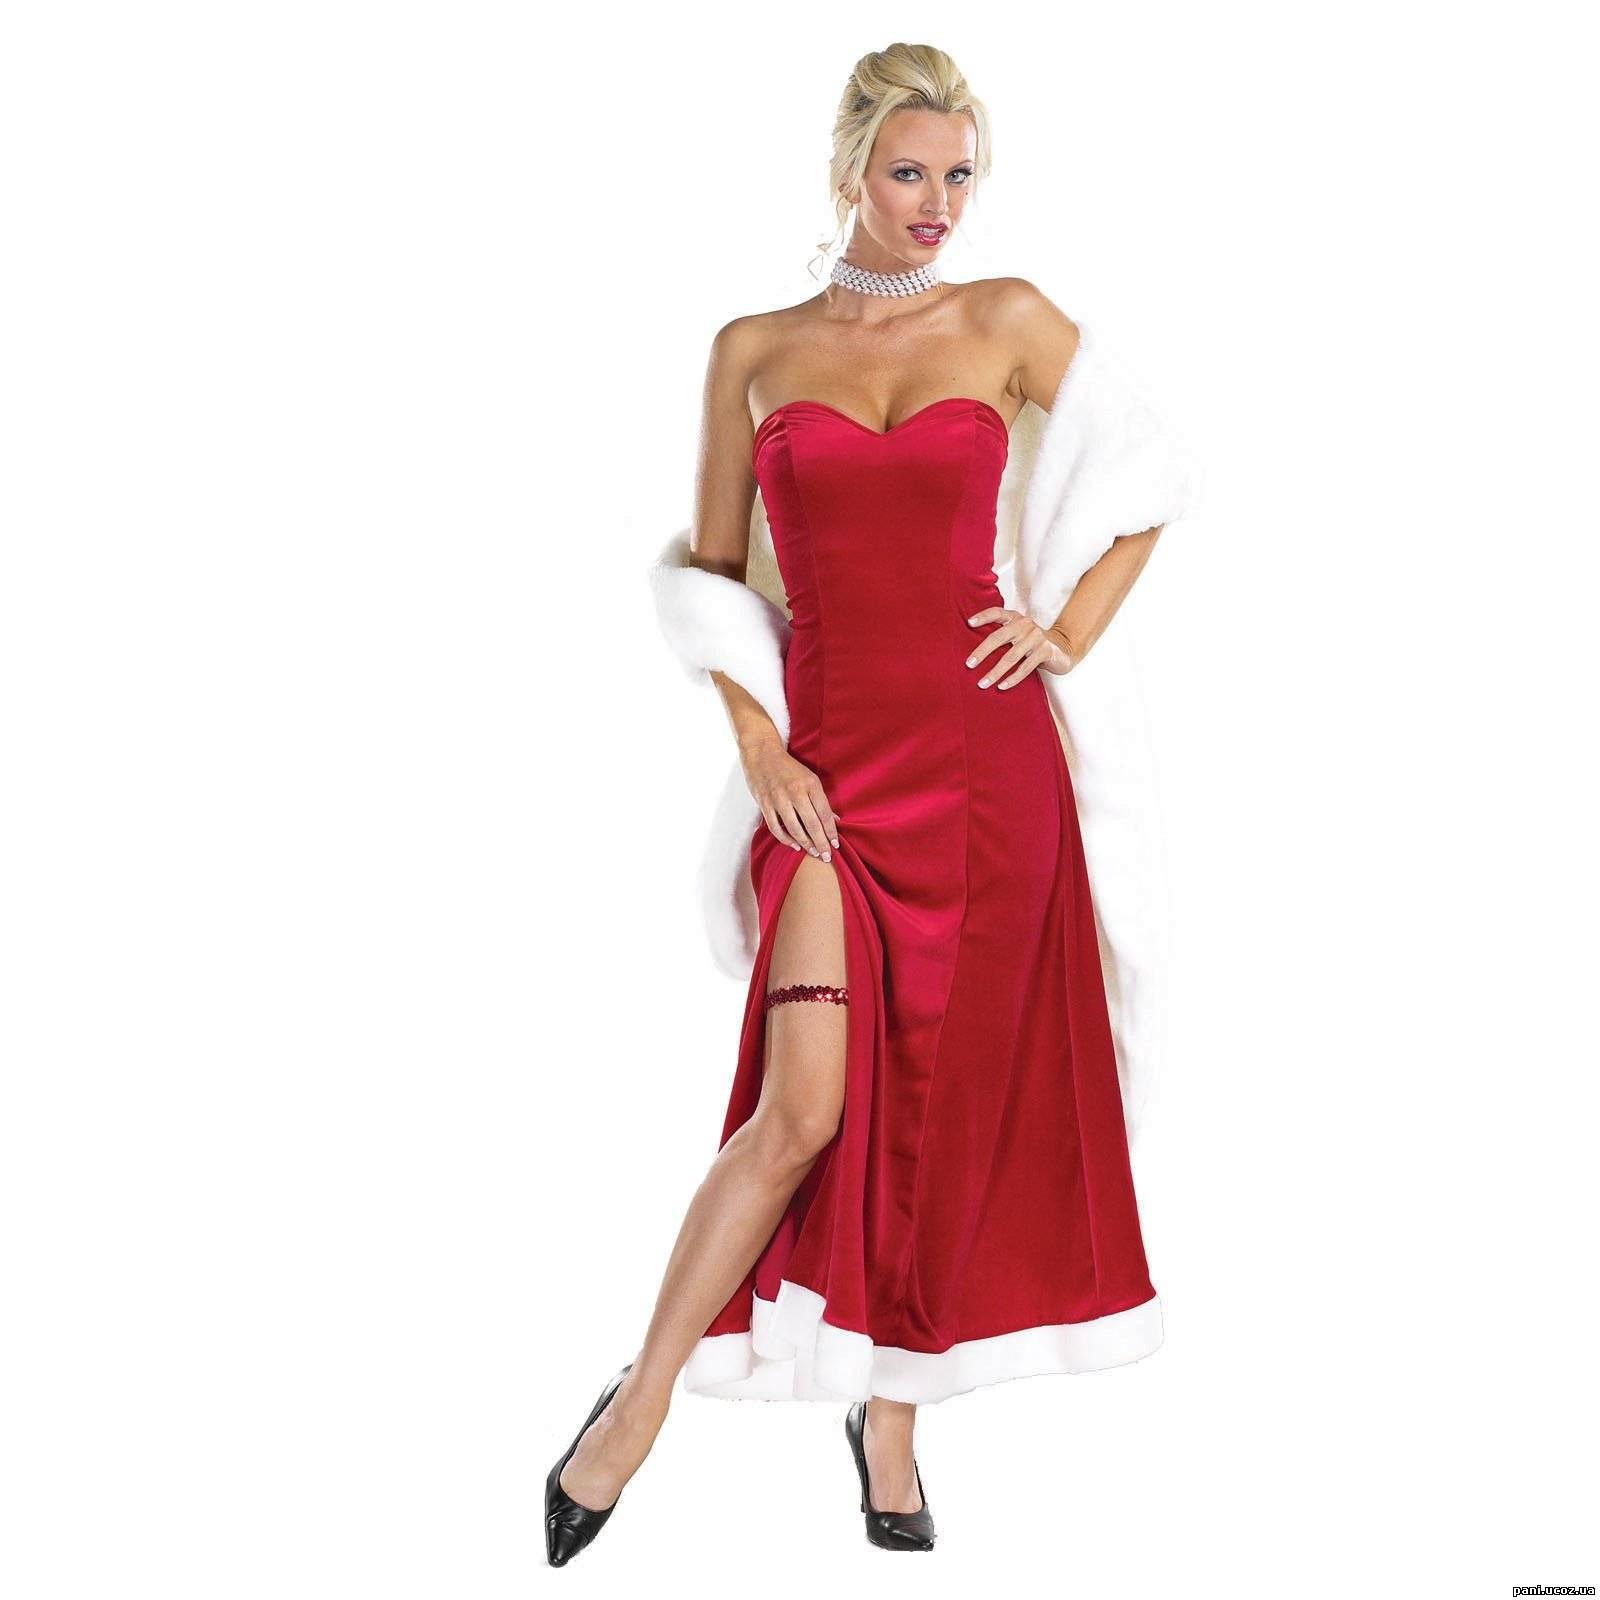 Секс с блондинкой в красном платье 12 фотография